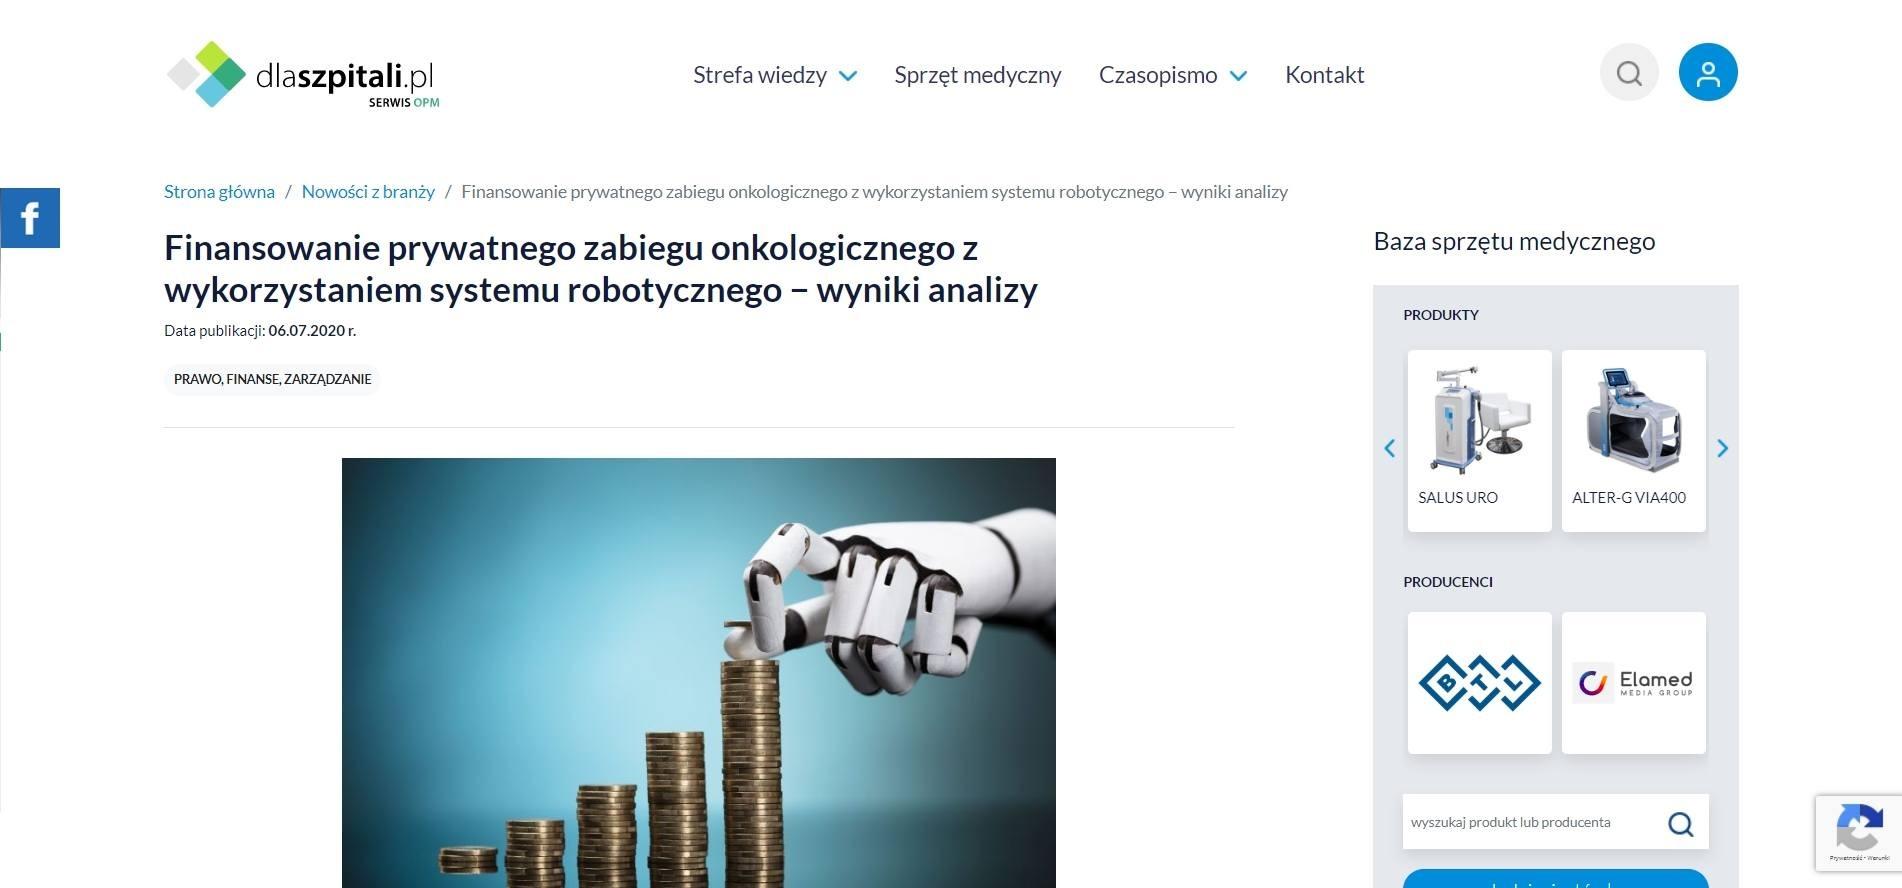 finansowanie prywatnego zabiegu onkologicznego z wykorzystaniem systemu robotycznego wyniki analizy